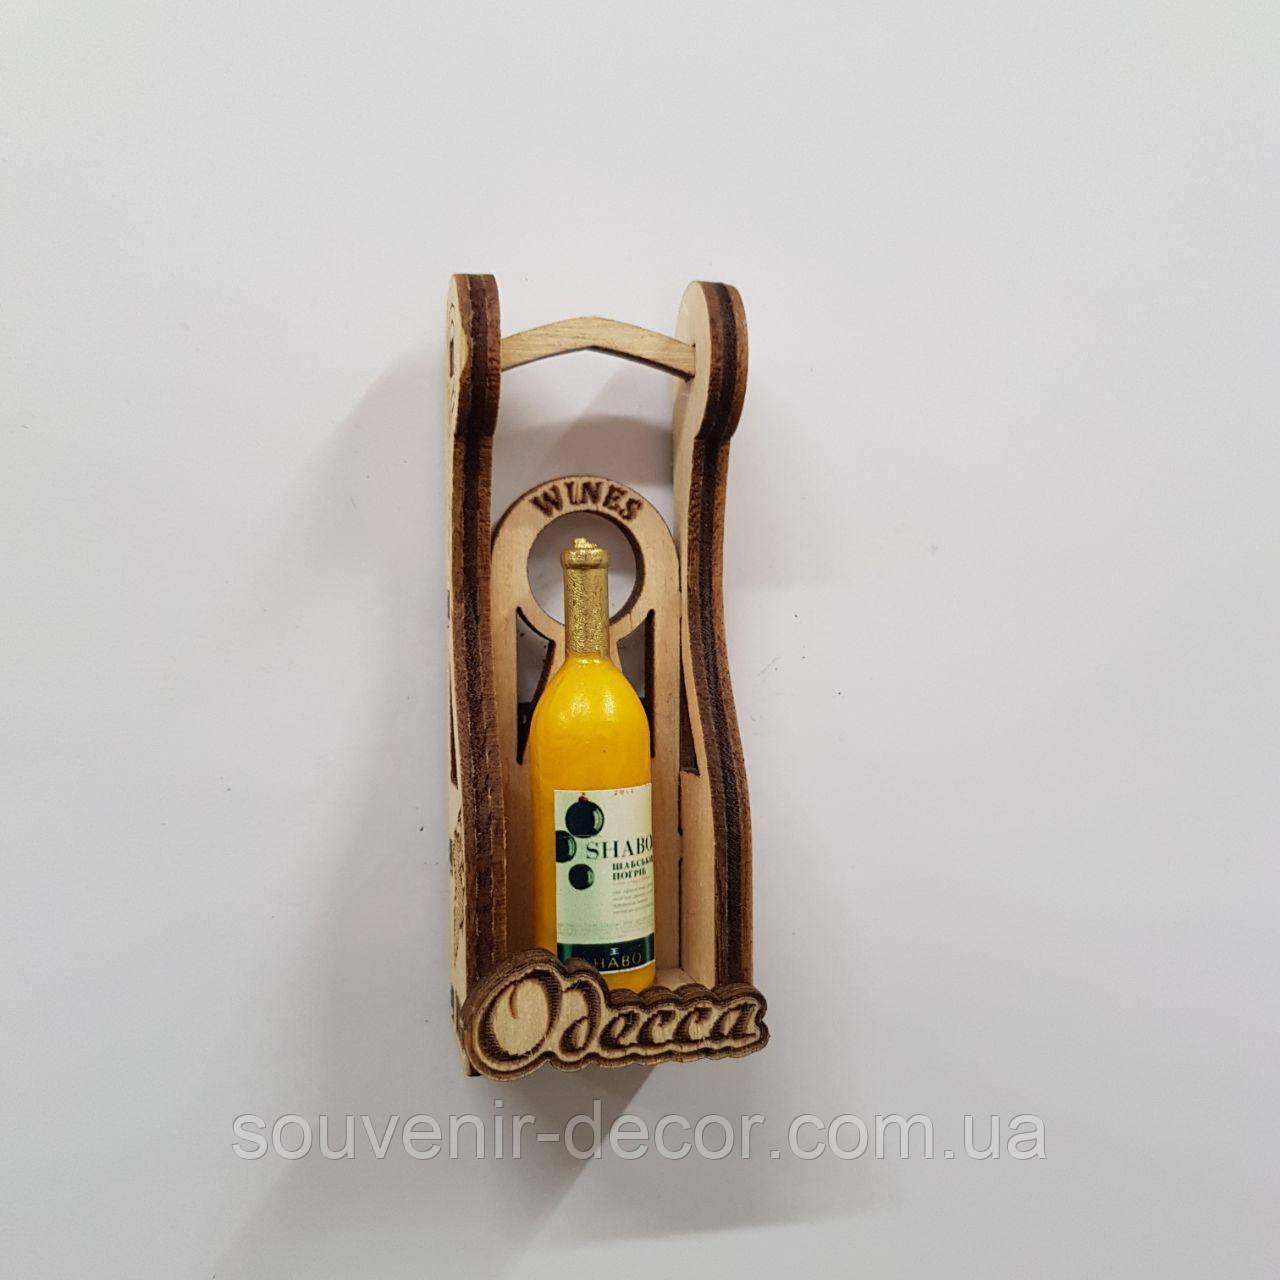 Магнит с 1 бутылкой Одесса (желтая)